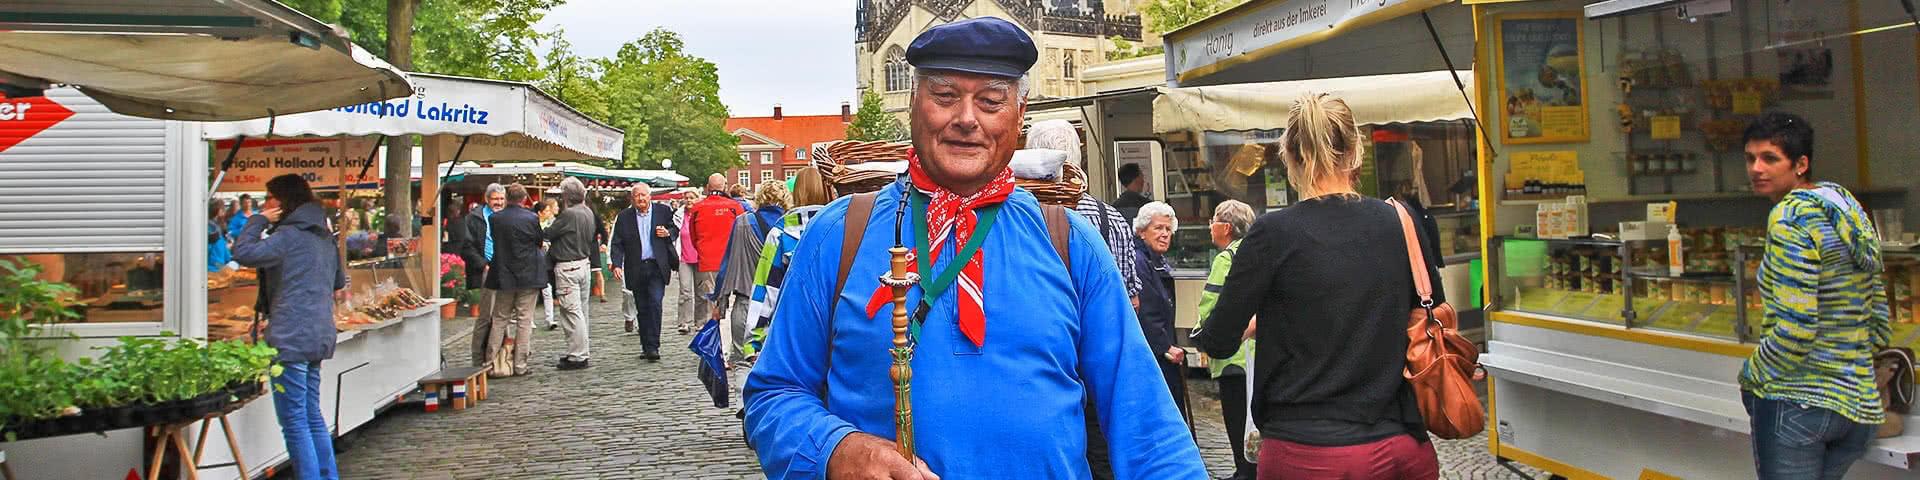 Kiepenkerl auf dem Wochenmarkt in Münster